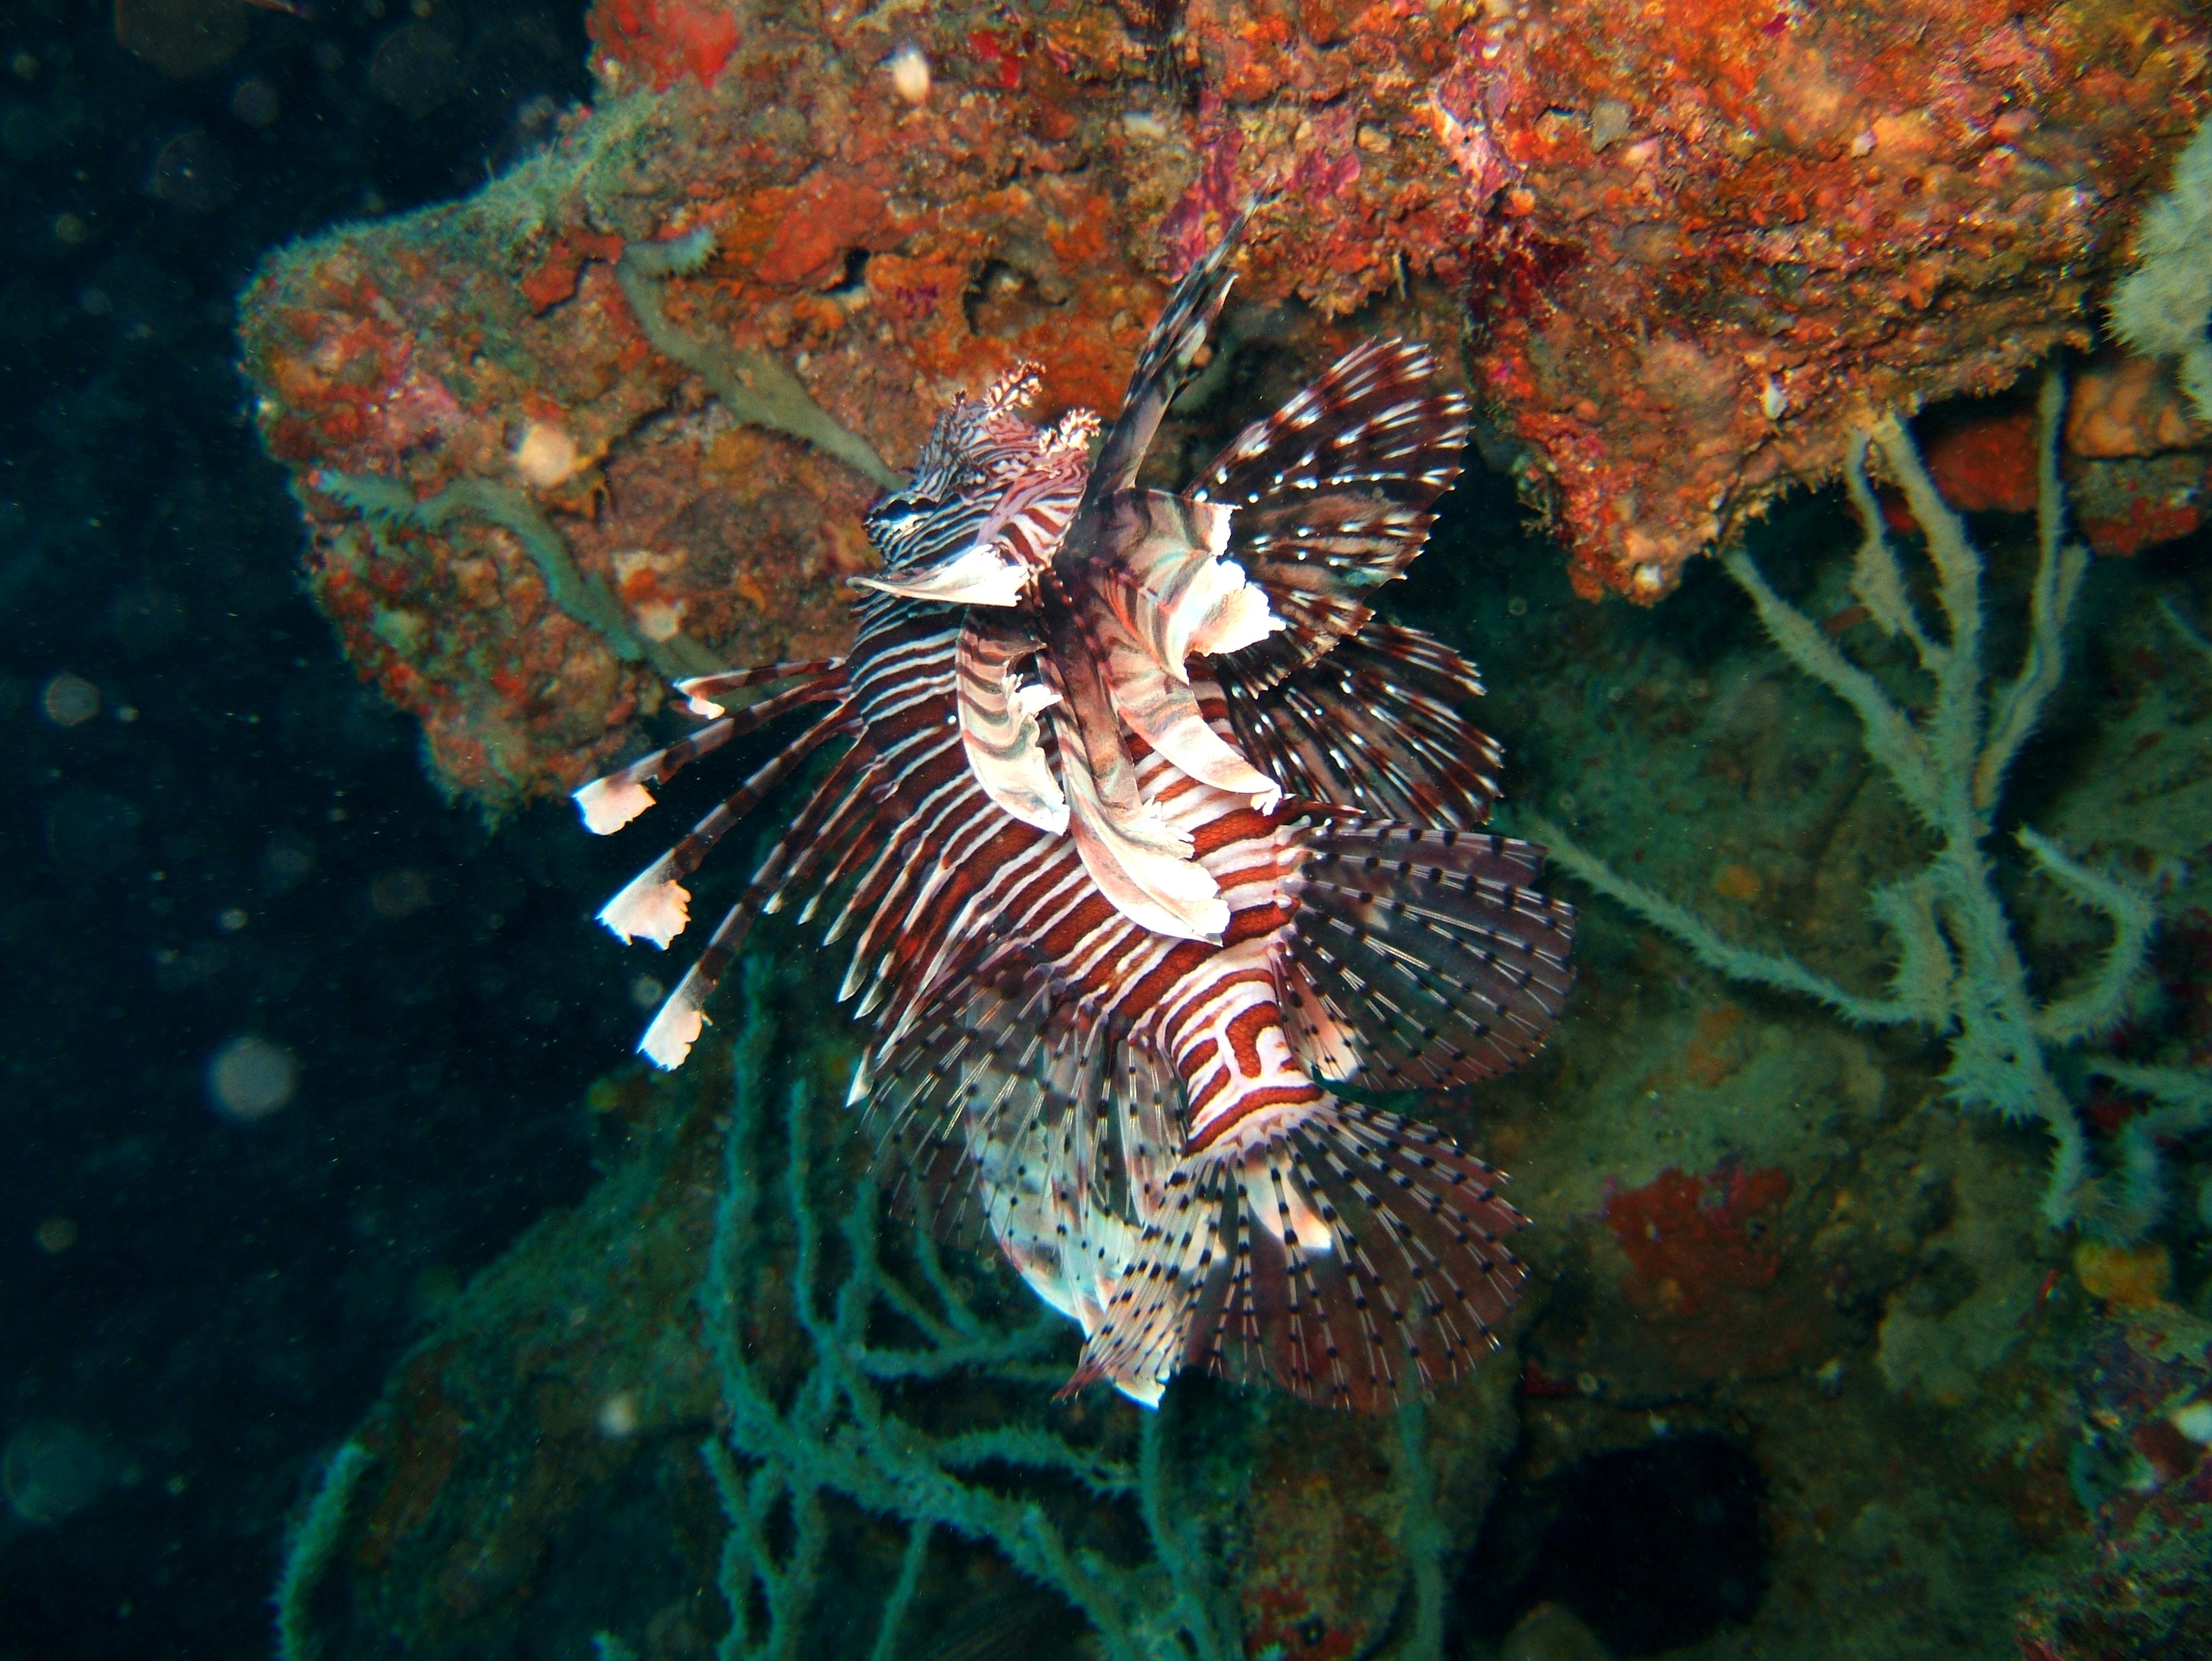 Philippines Cebu Bohol Balicasag Island Rudys rock dive Dec 2005 28